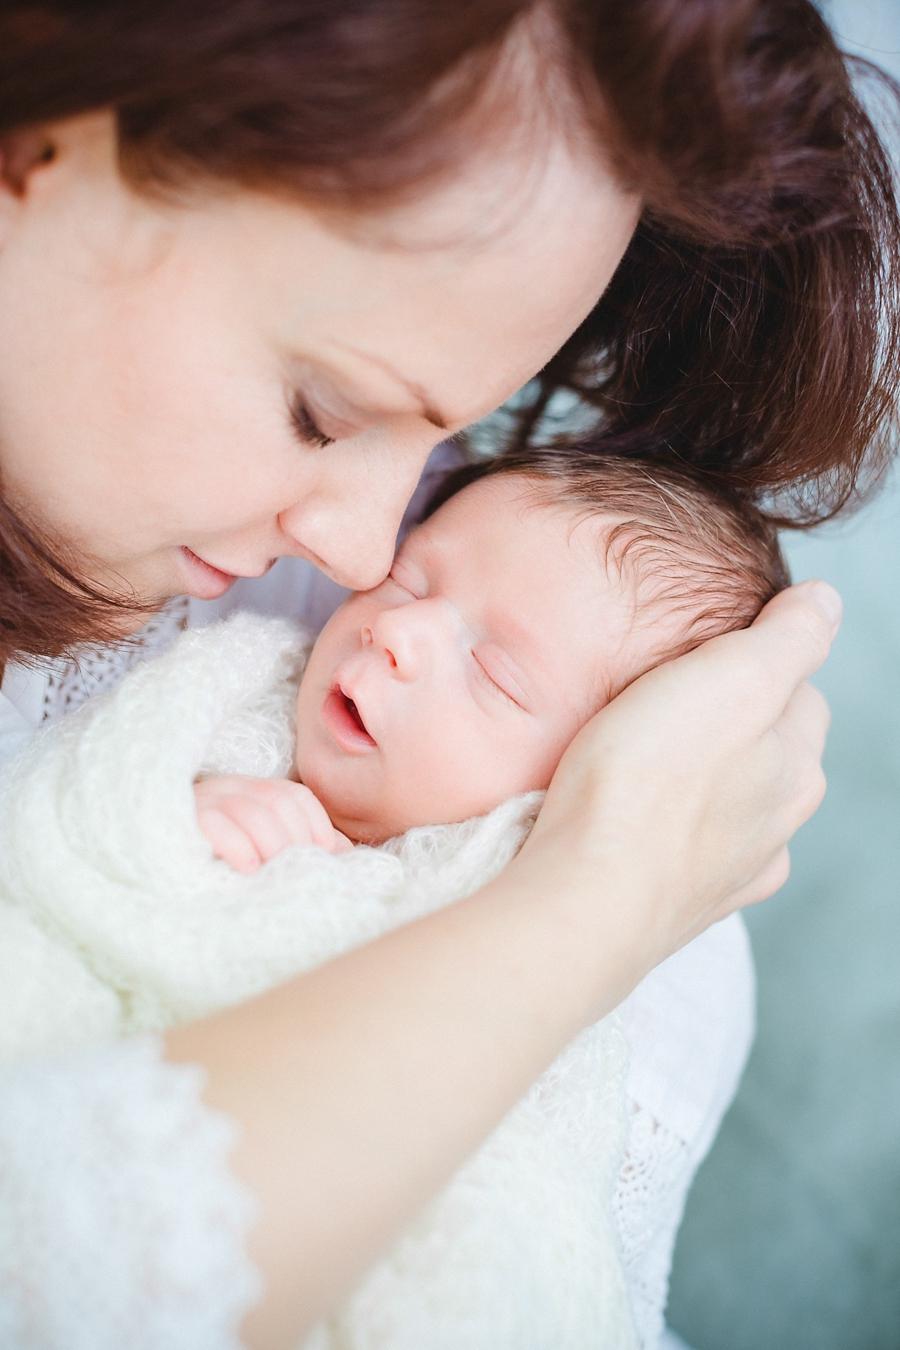 fotografin-newbornshooting-neugeborenes-babyshooting-babyfotos-schwangerschaftsshooting-aachen-herzogenrath-uebach-palenberg-geilenkirchen-koeln-duesseldorf-heinsberg-nrw-blog_019